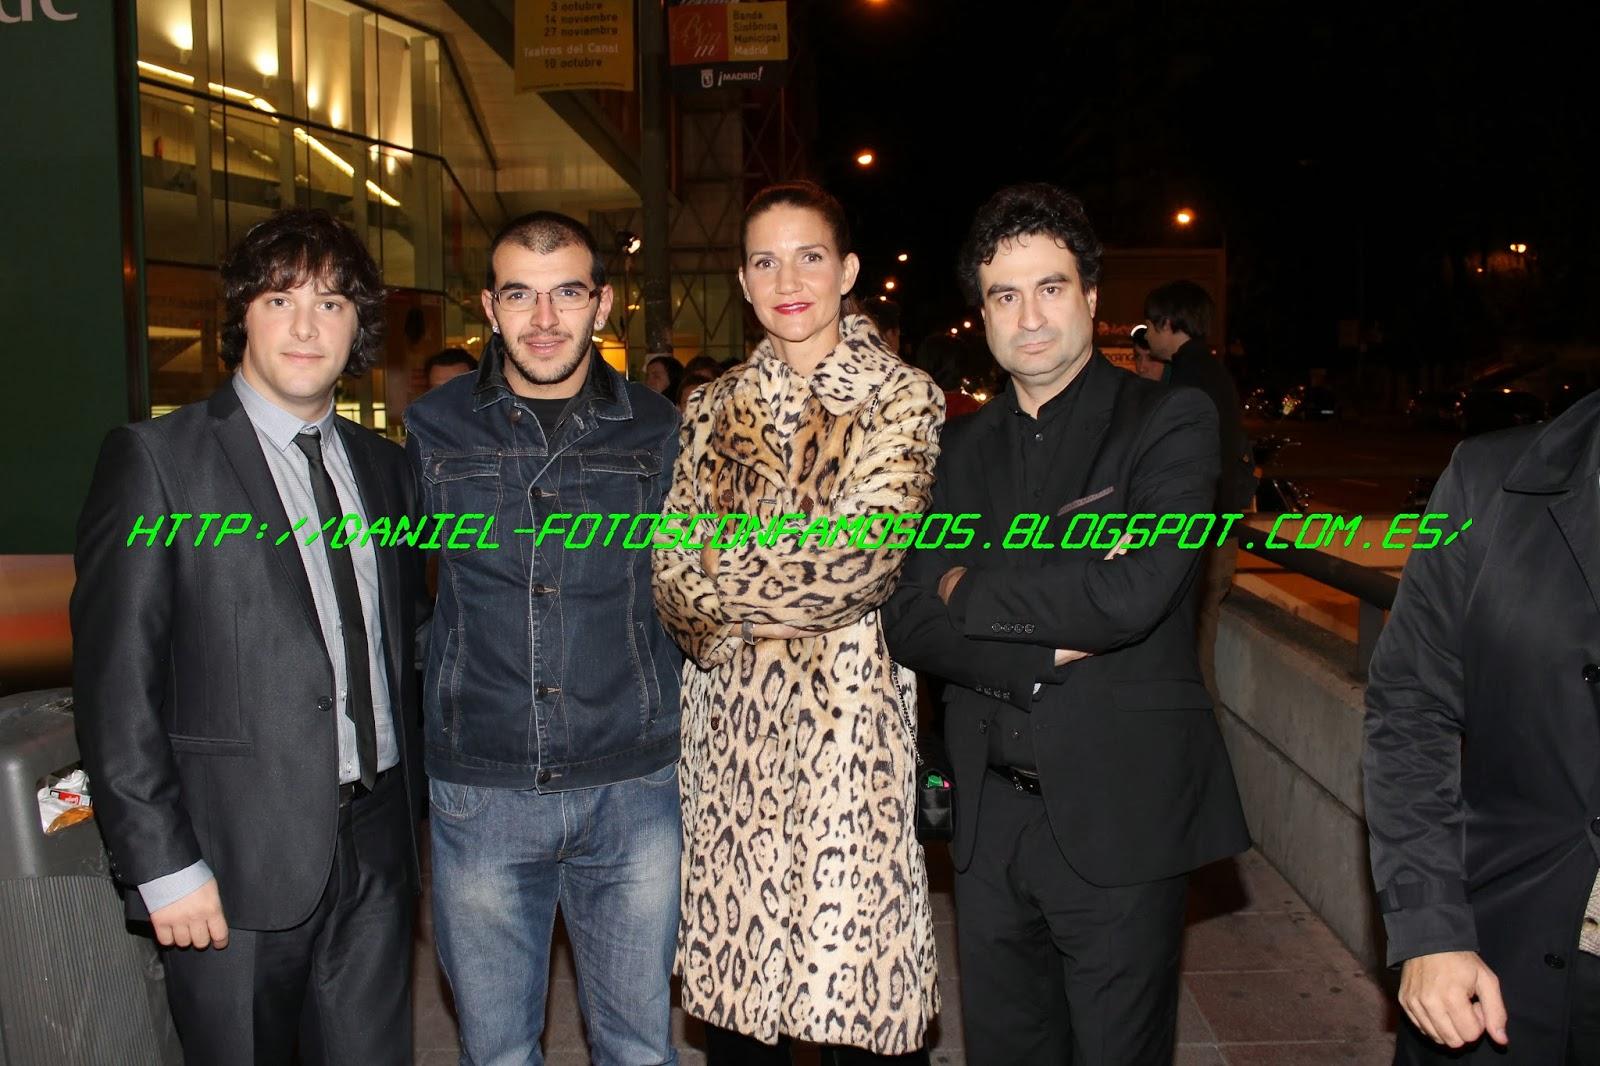 ¿Cuánto mide Jordi Cruz? - Estatura descalzo: 1,73 y peso AQUI - Página 2 Jordi+,+Samantha+y+Pepe